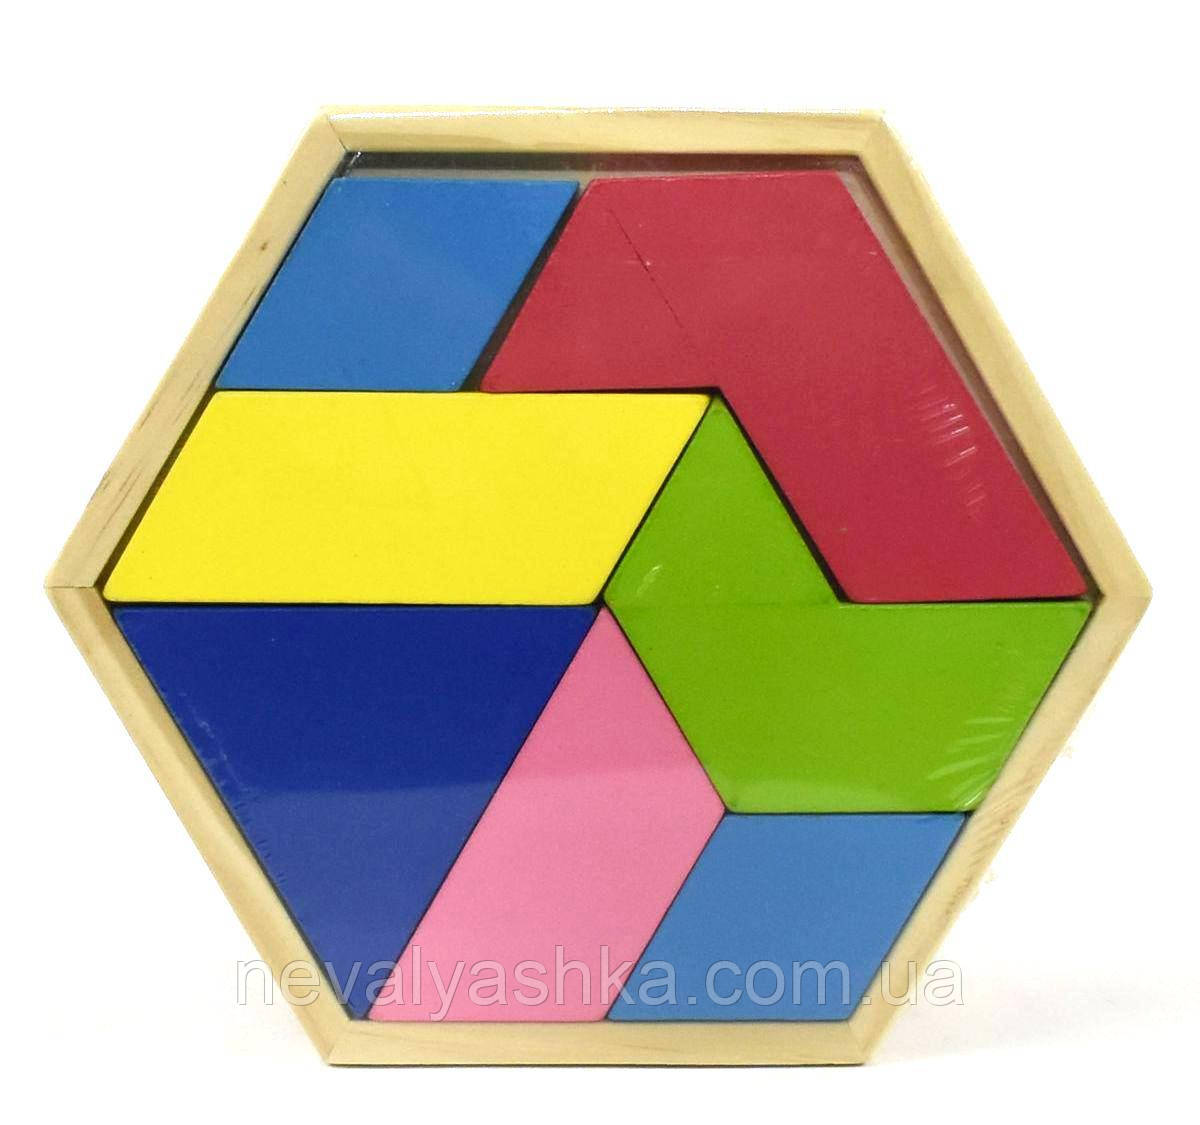 Деревянная игрушка Логика, F21456, 006932